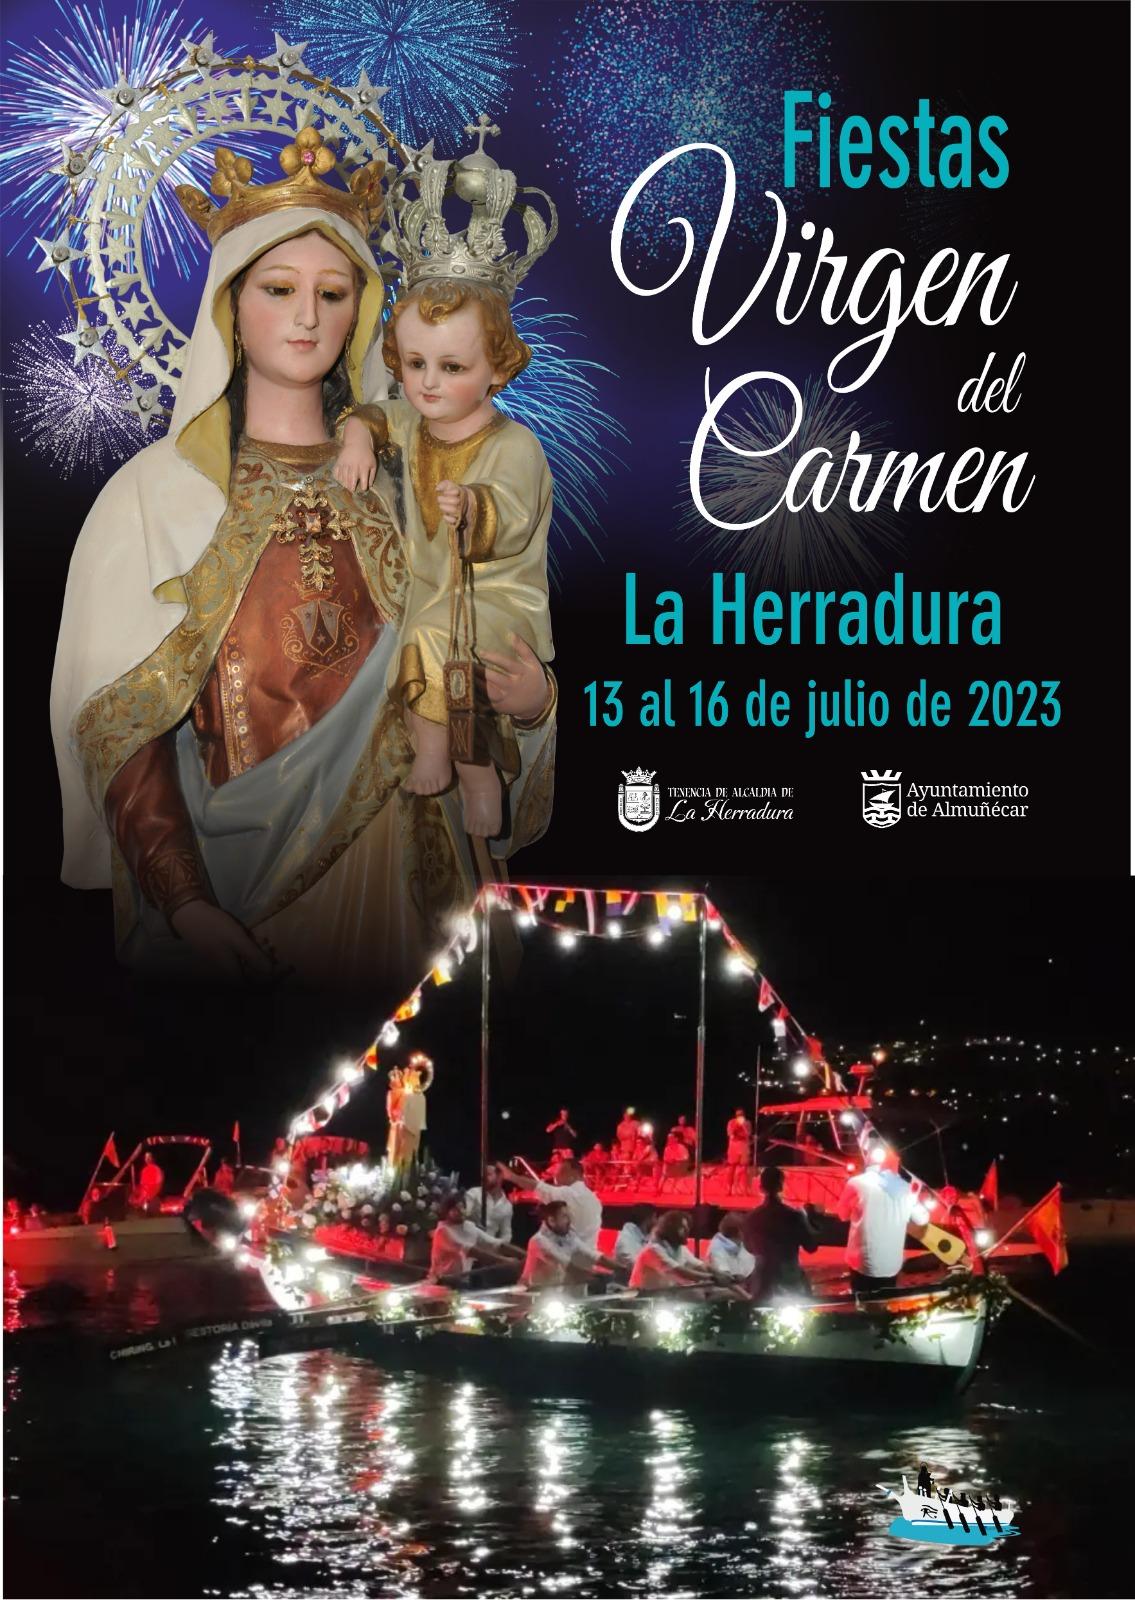 Fiestas en Almuñecar Virgen del Carmen en La Herradura